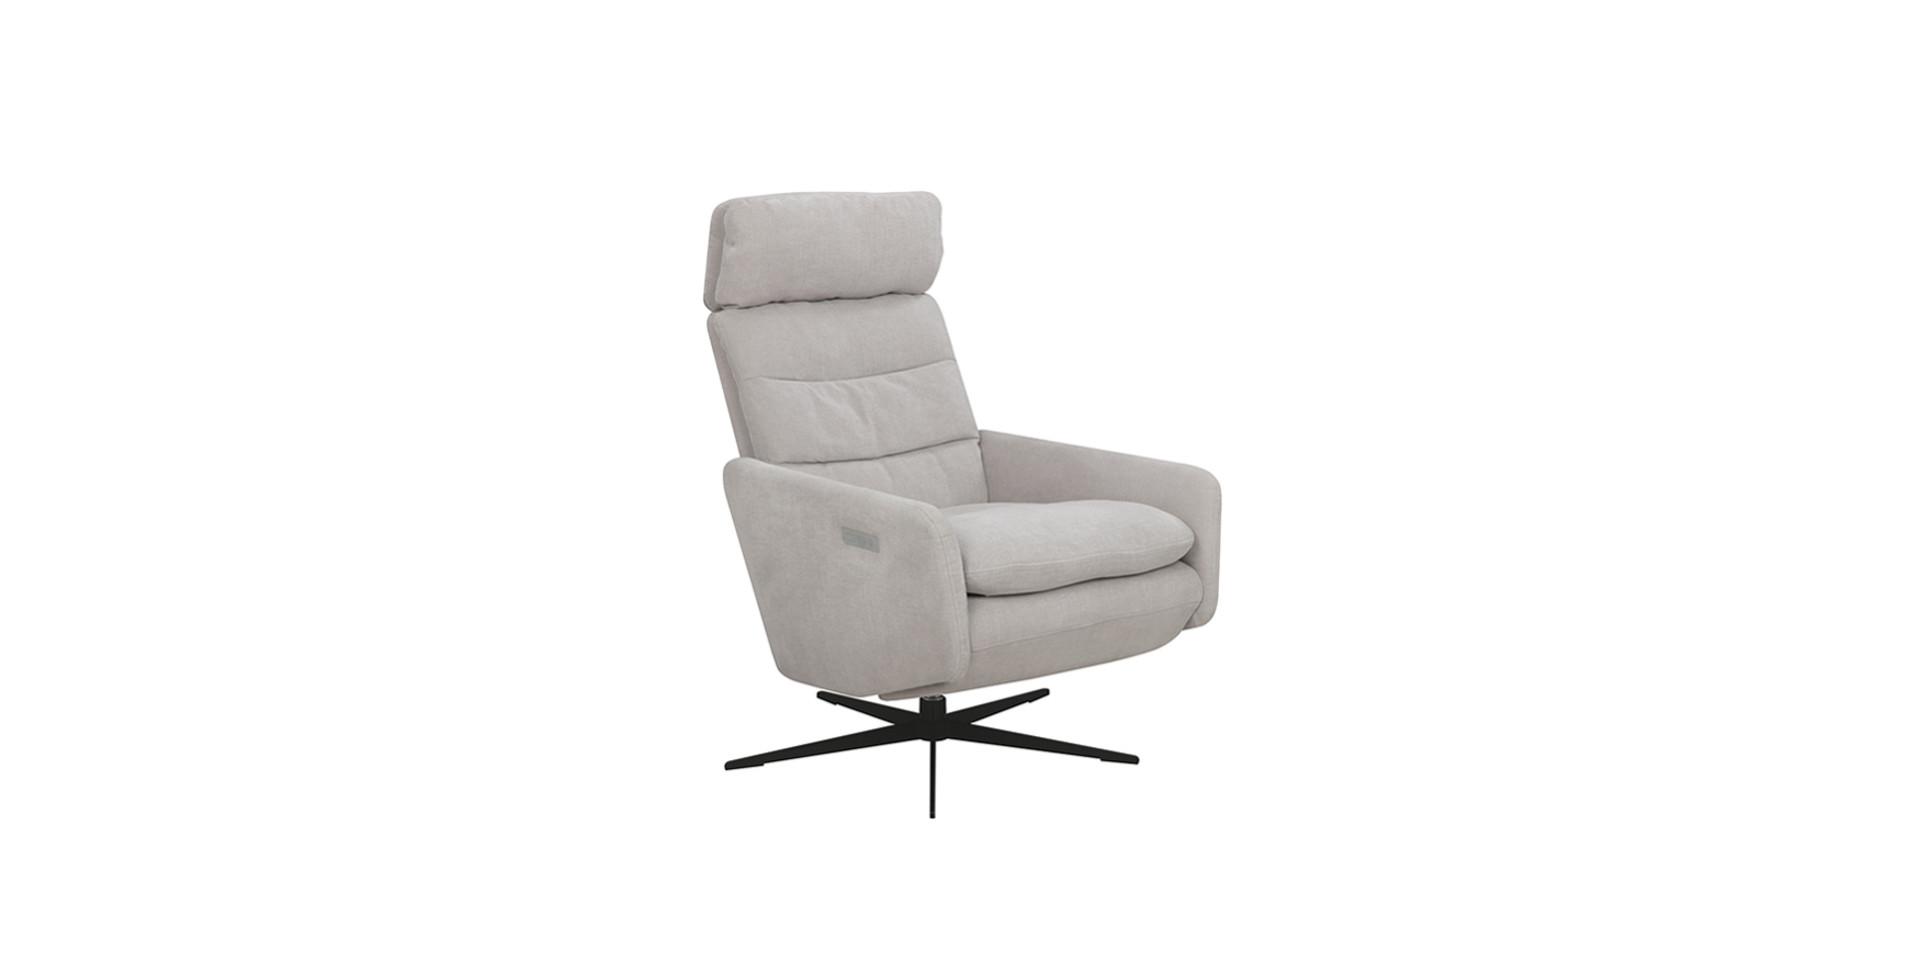 LIV_armchair_caleido10996_grey-beige_5